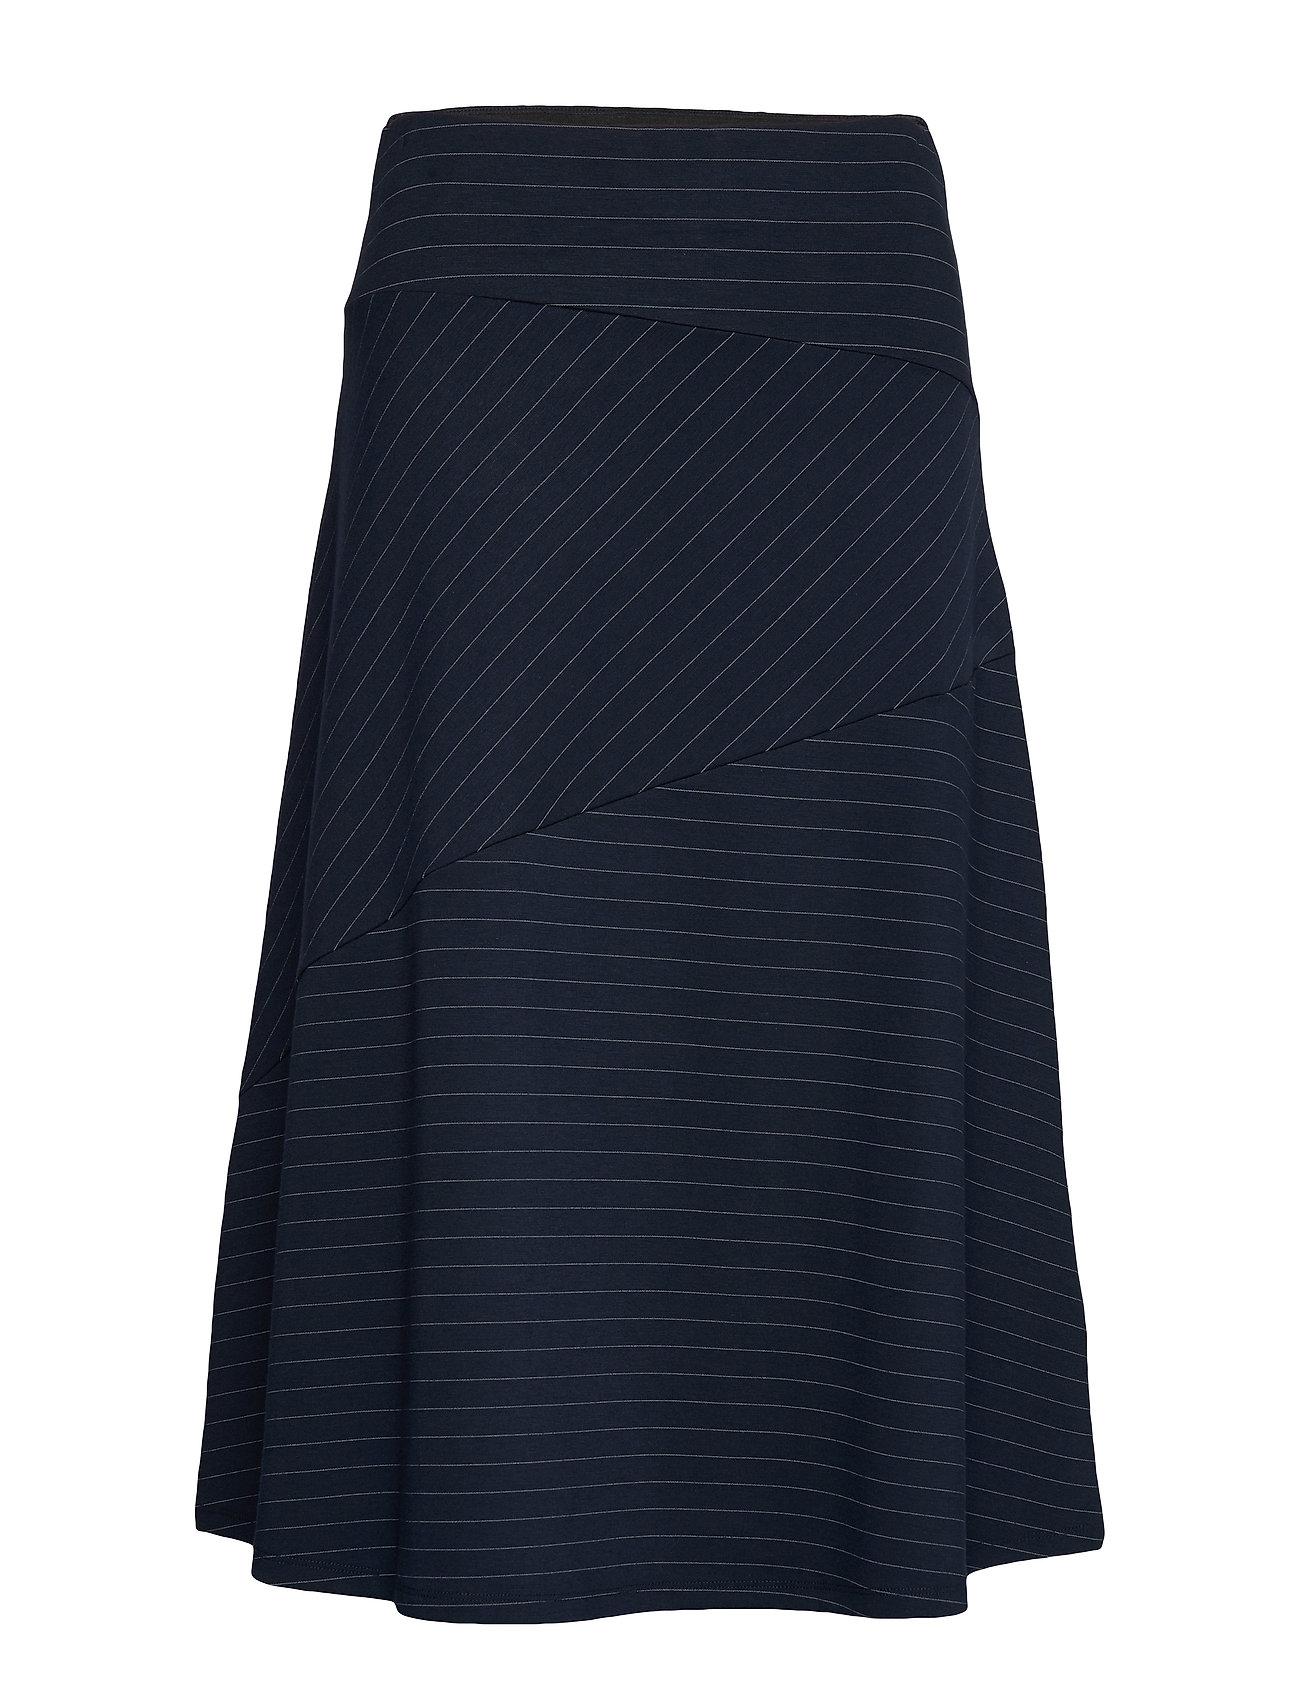 Image of Skirts Knitted Knælang Nederdel Blå Esprit Collection (3350045553)